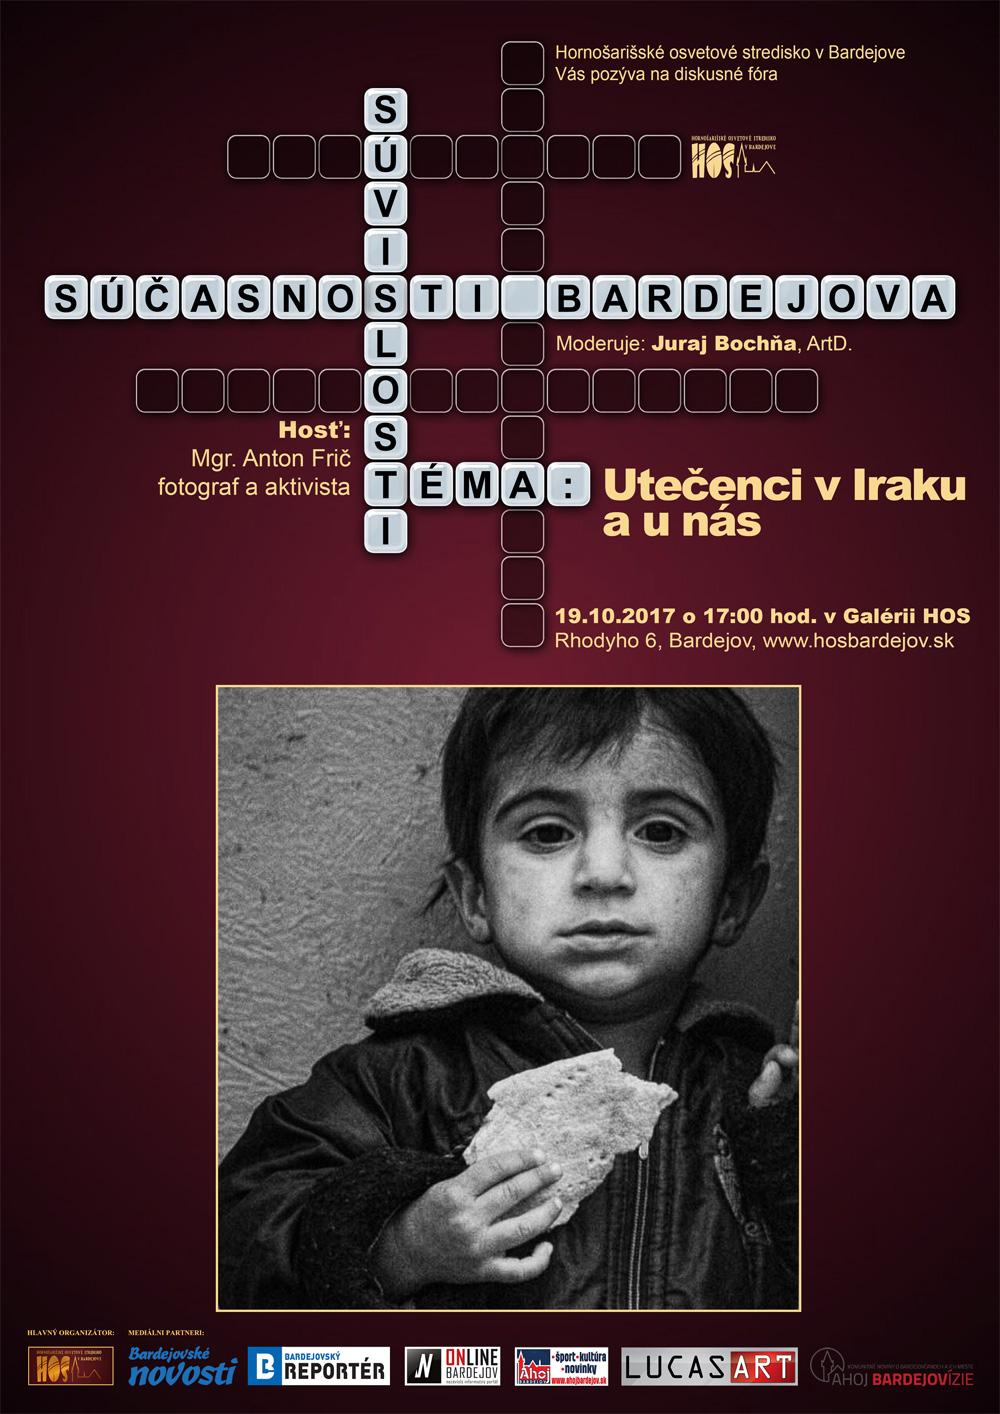 Súvislosti súčasnosti Bardejova – Utečenci v Iraku a u nás